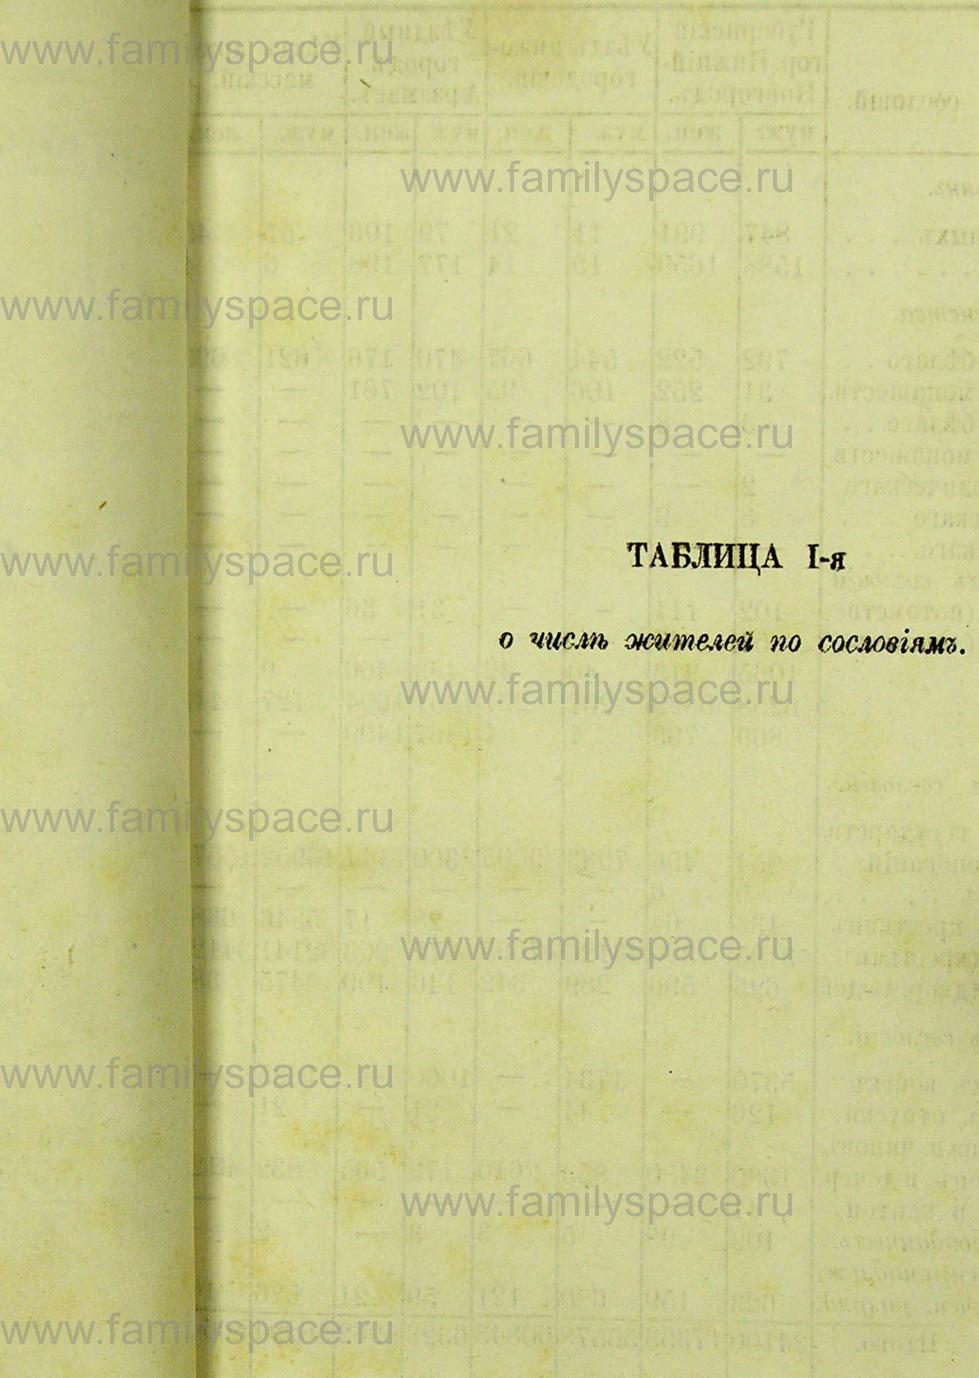 Поиск по фамилии - Памятная книжка Нижегородской губернии на 1865 год, страница 1114